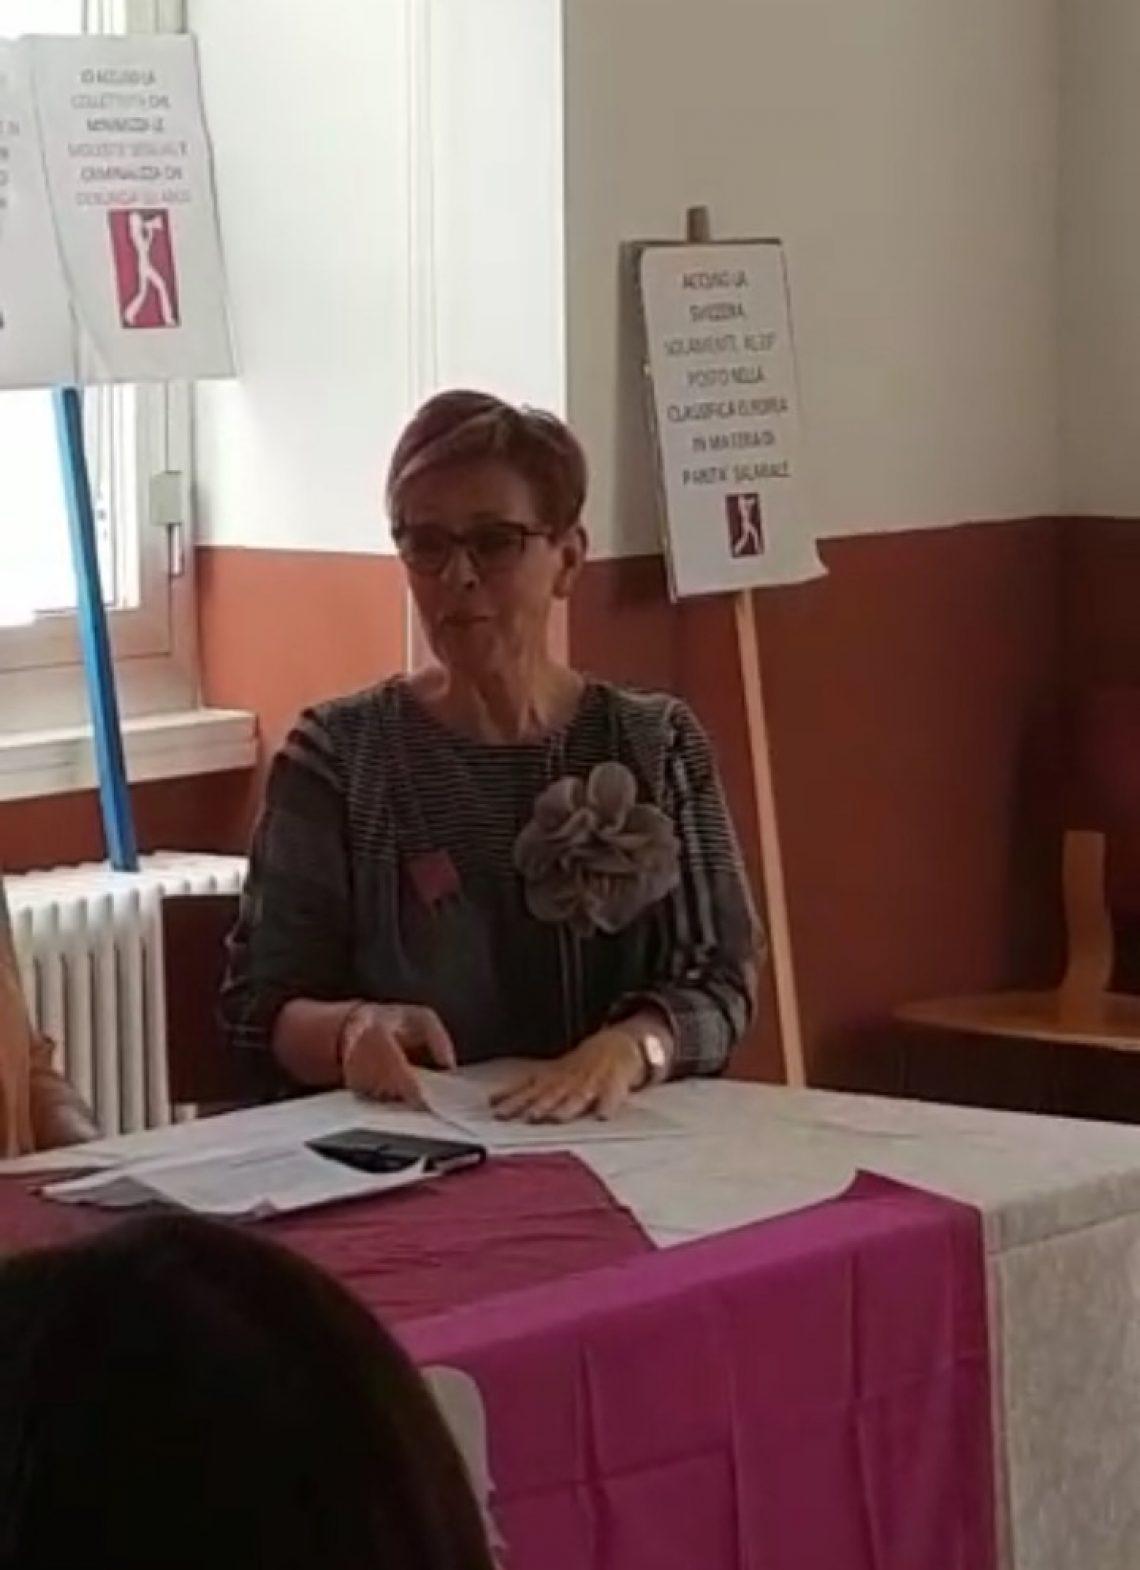 14 giugno 2018: azioni di lotta, parla Ornella Buletti